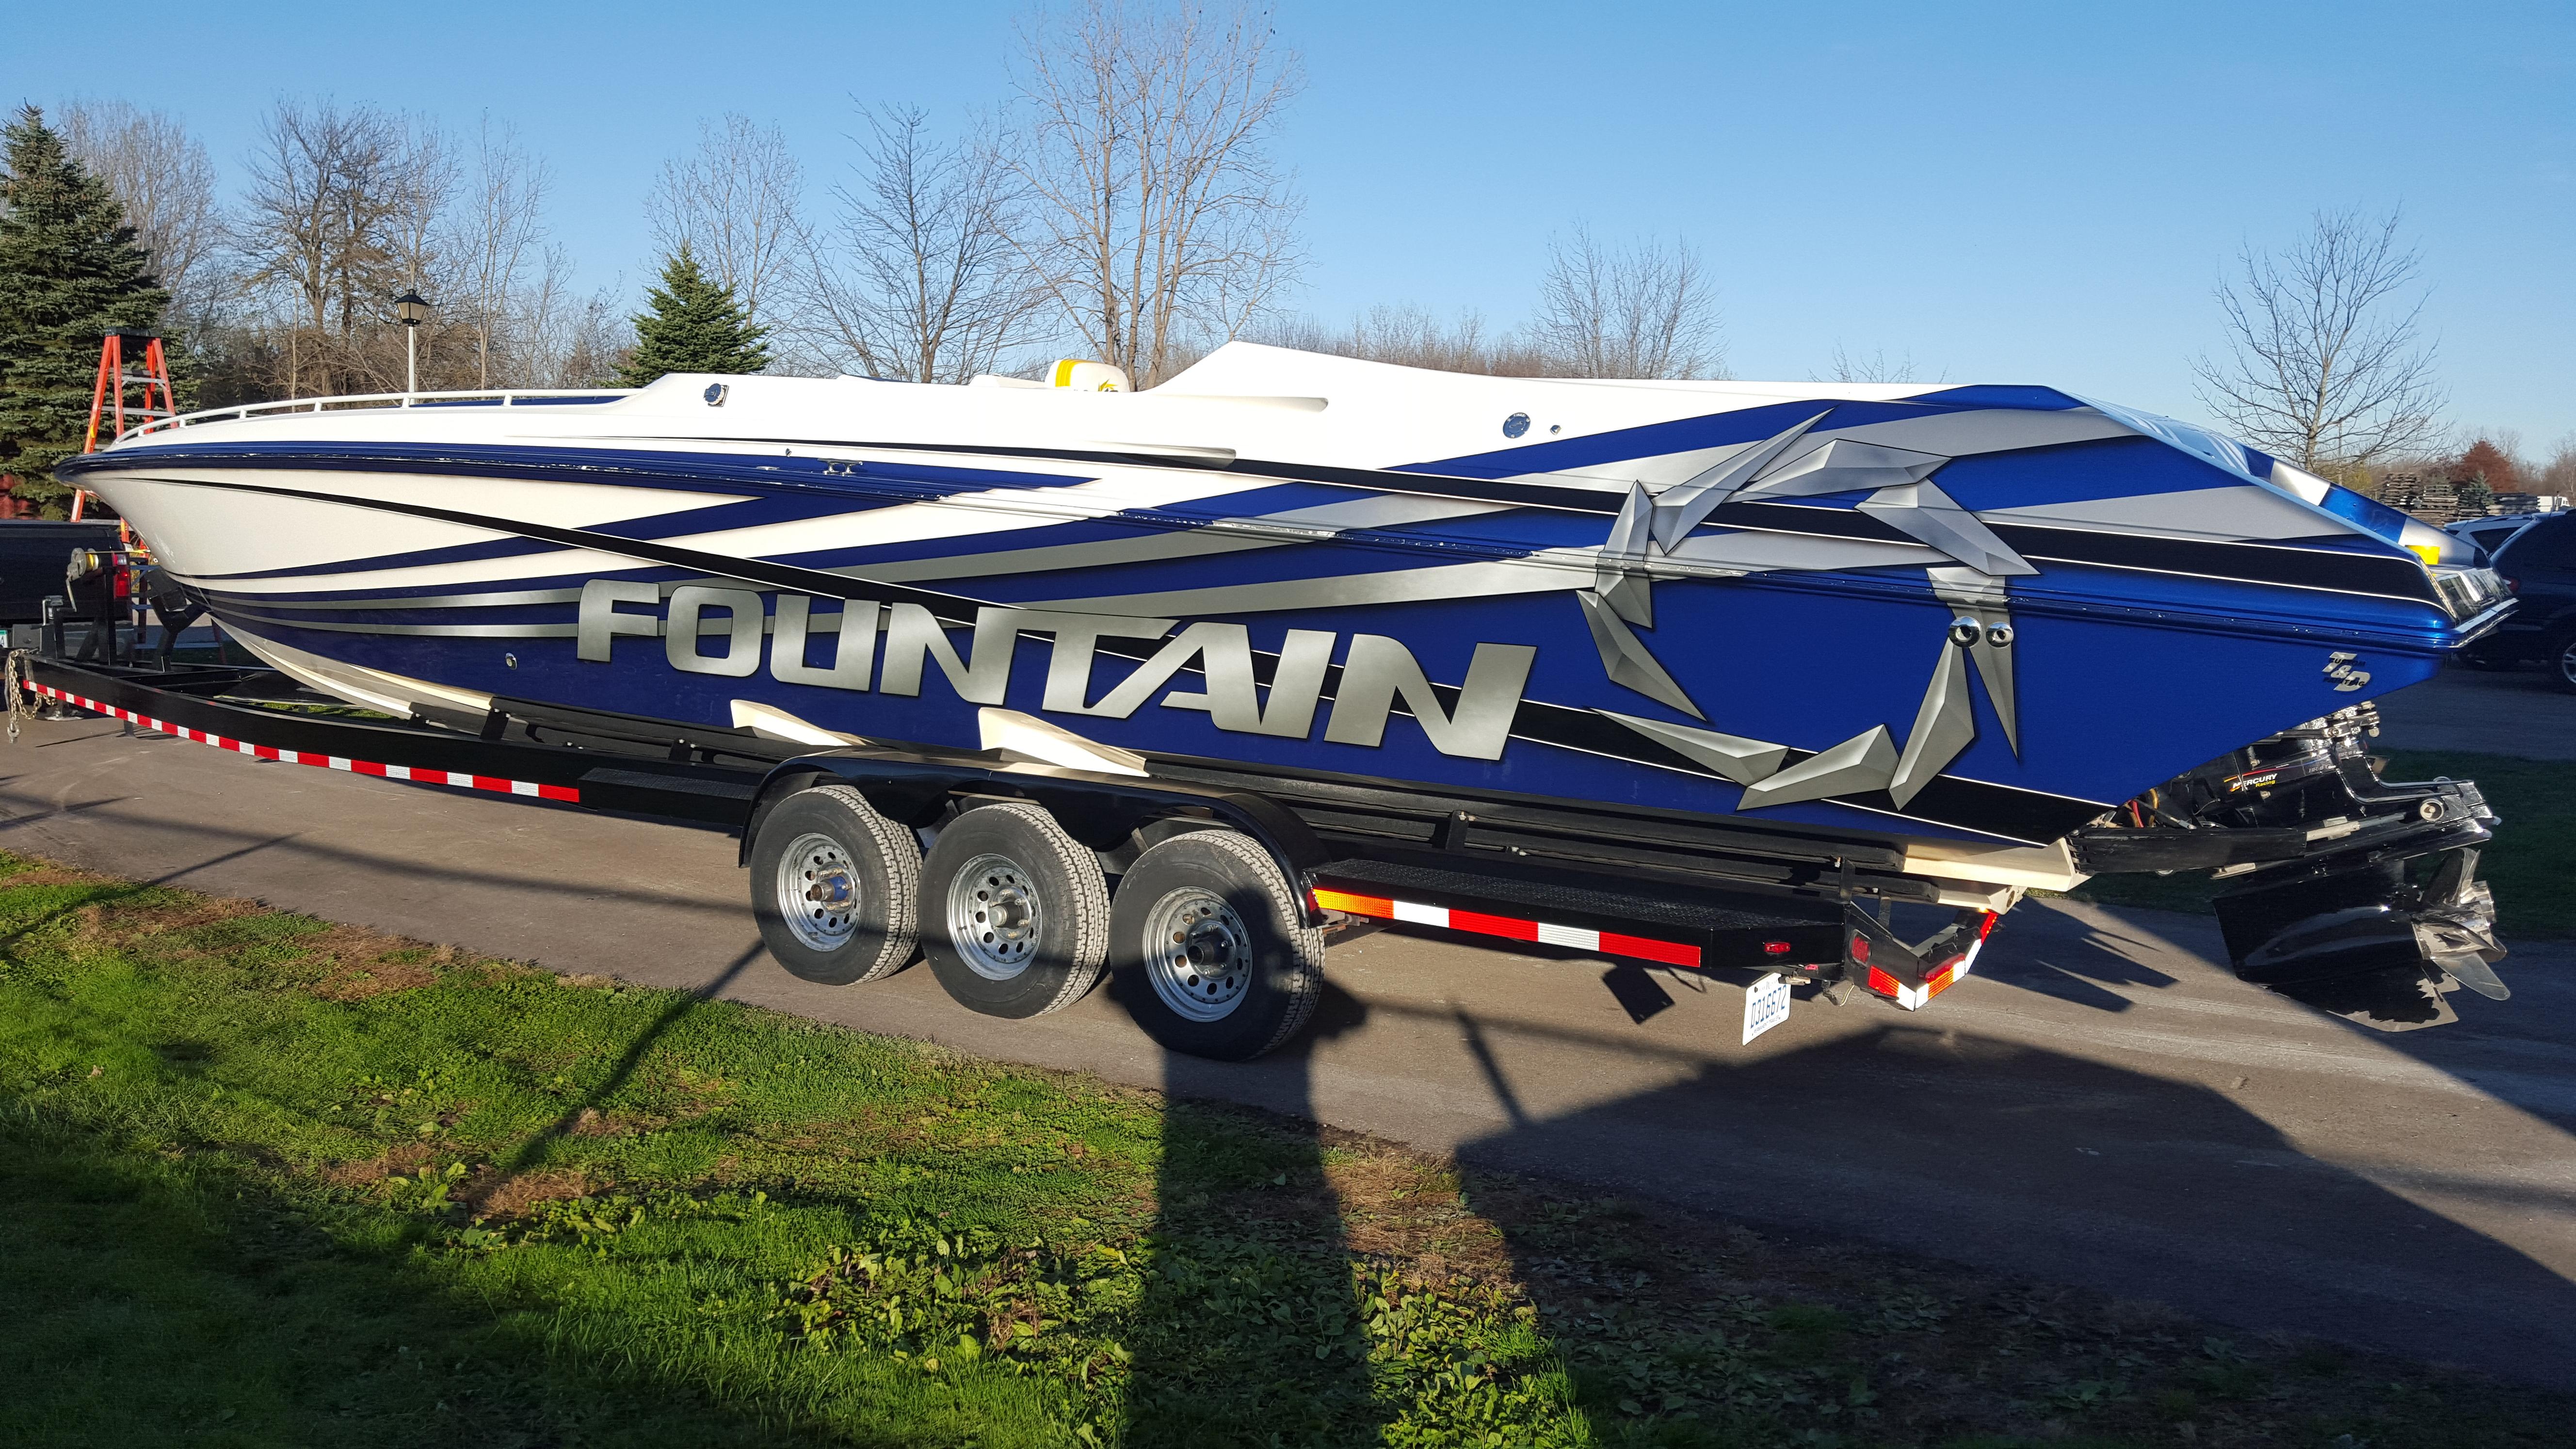 42 Fountain